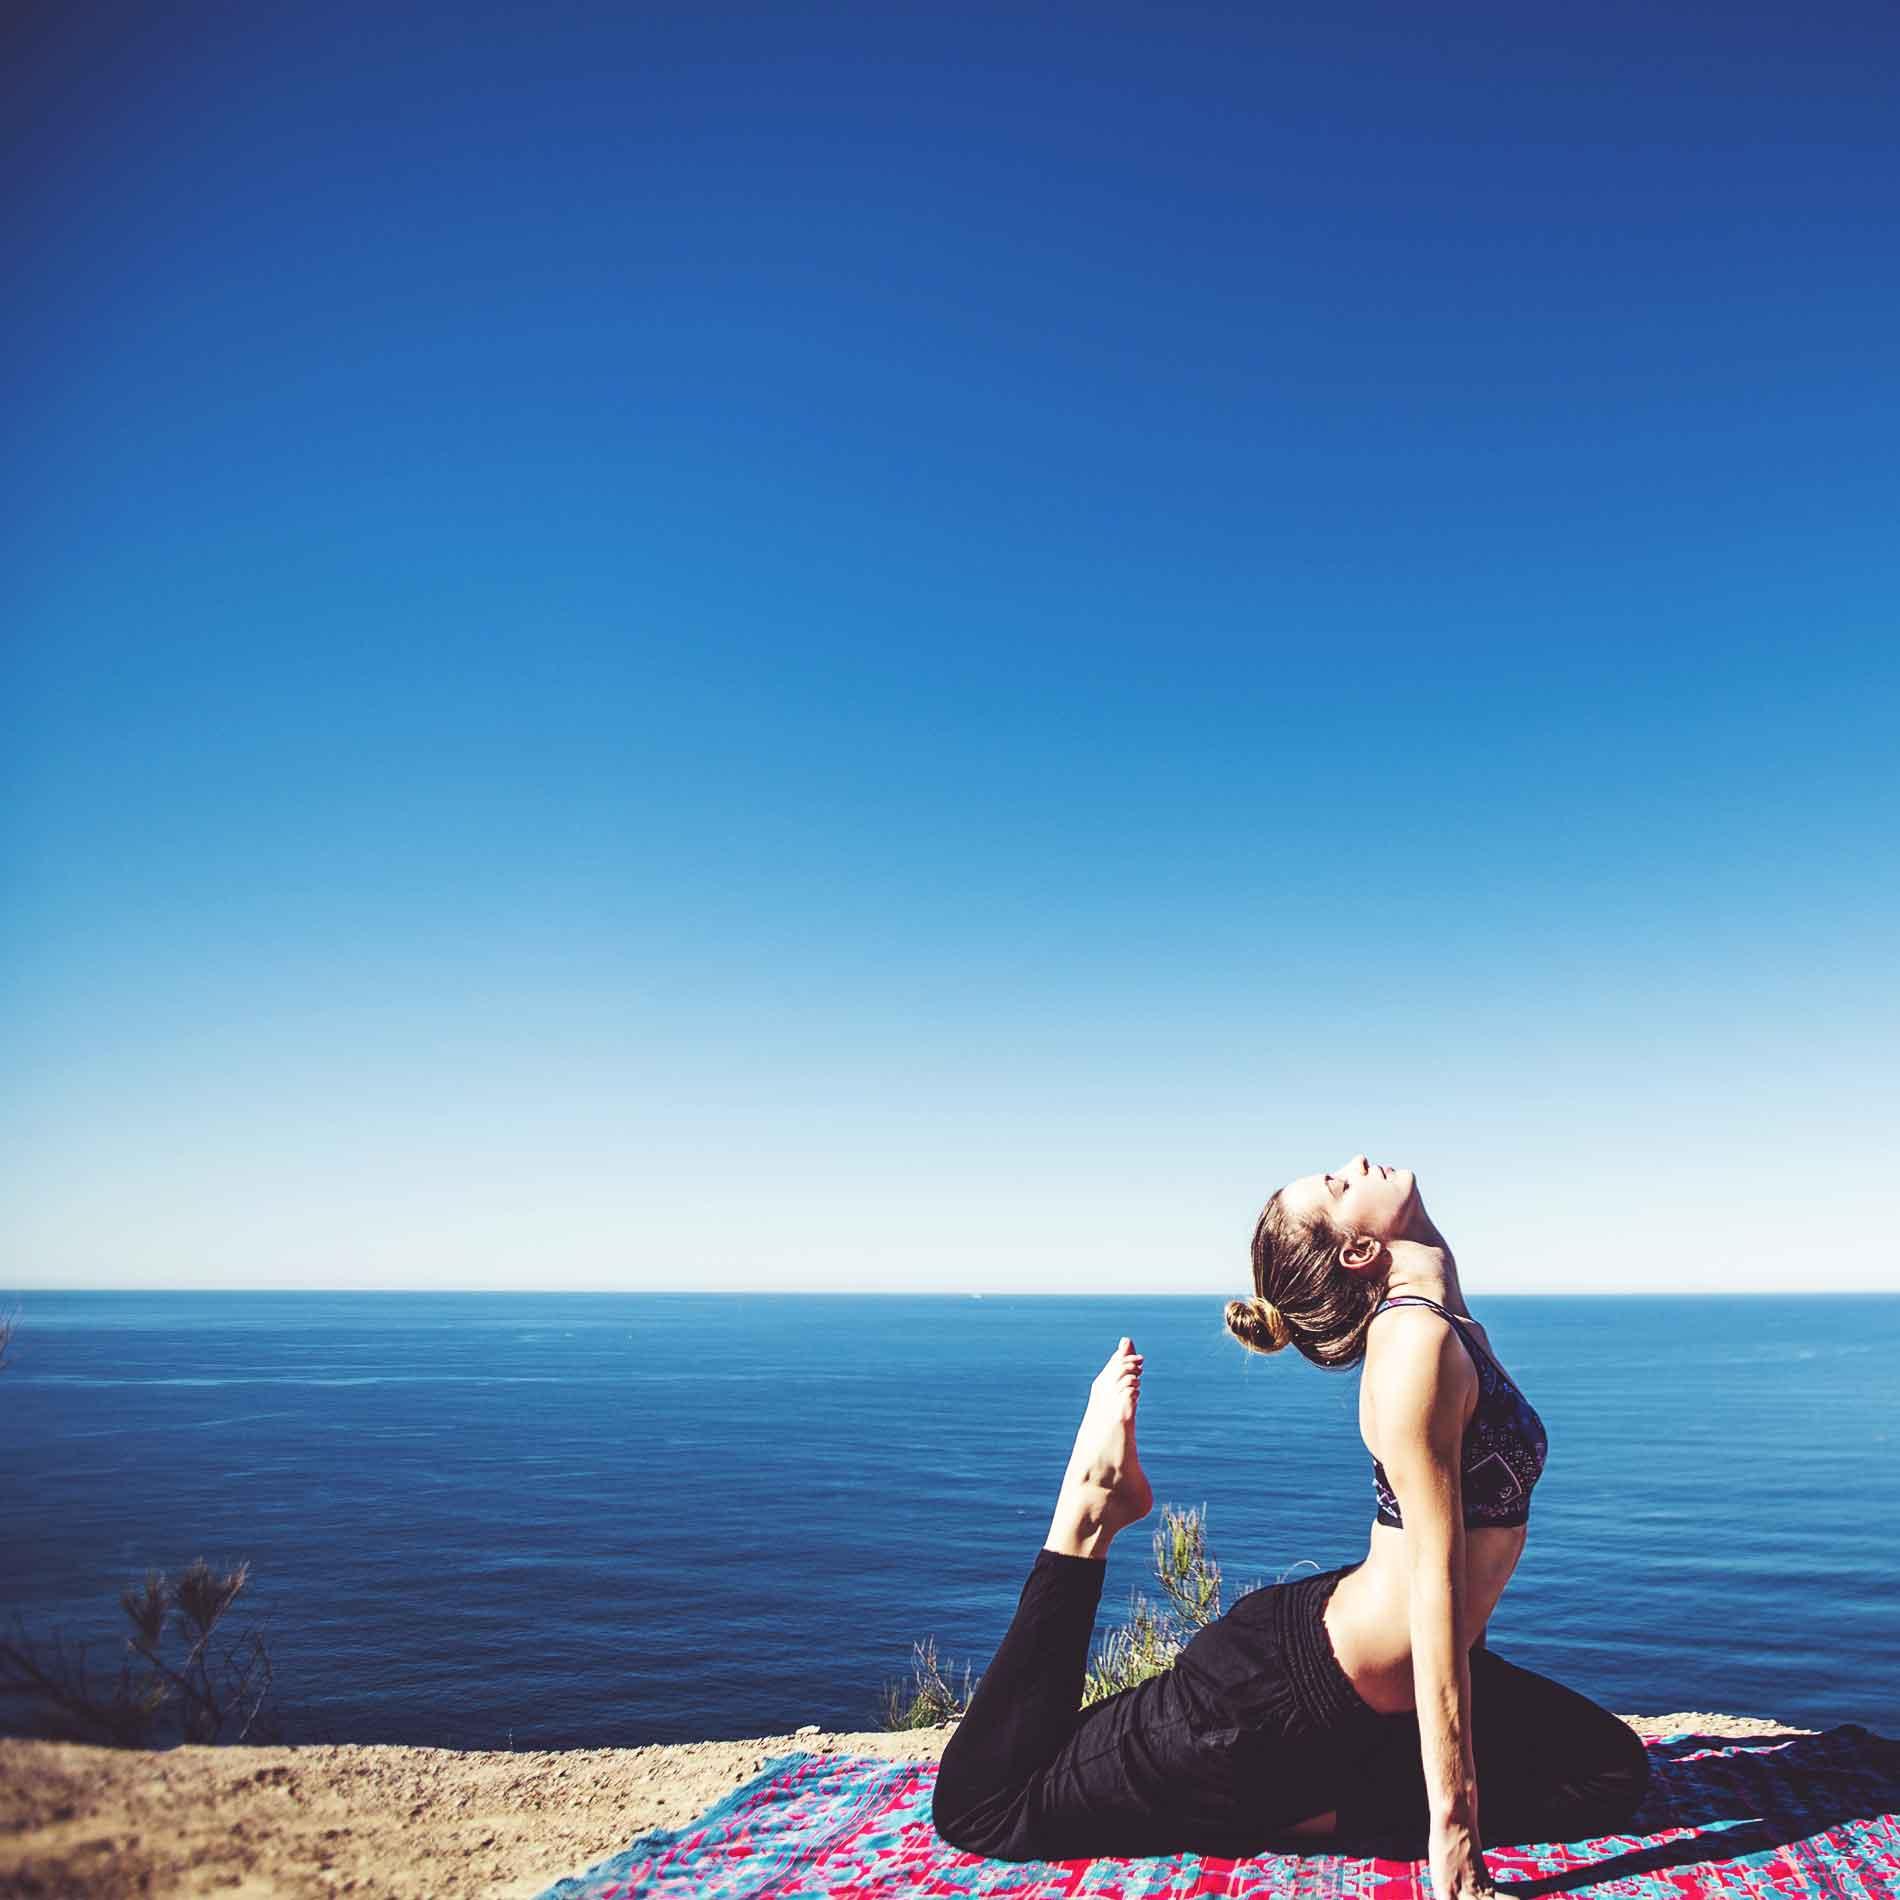 Yoga für Anfänger, Yoga Essentials für den Start, Mit Yoga beginnen, Yoga machen, Yoga für Beginner, Mit Yoga anfangen, Tipps und Tricks für den Yoga Start